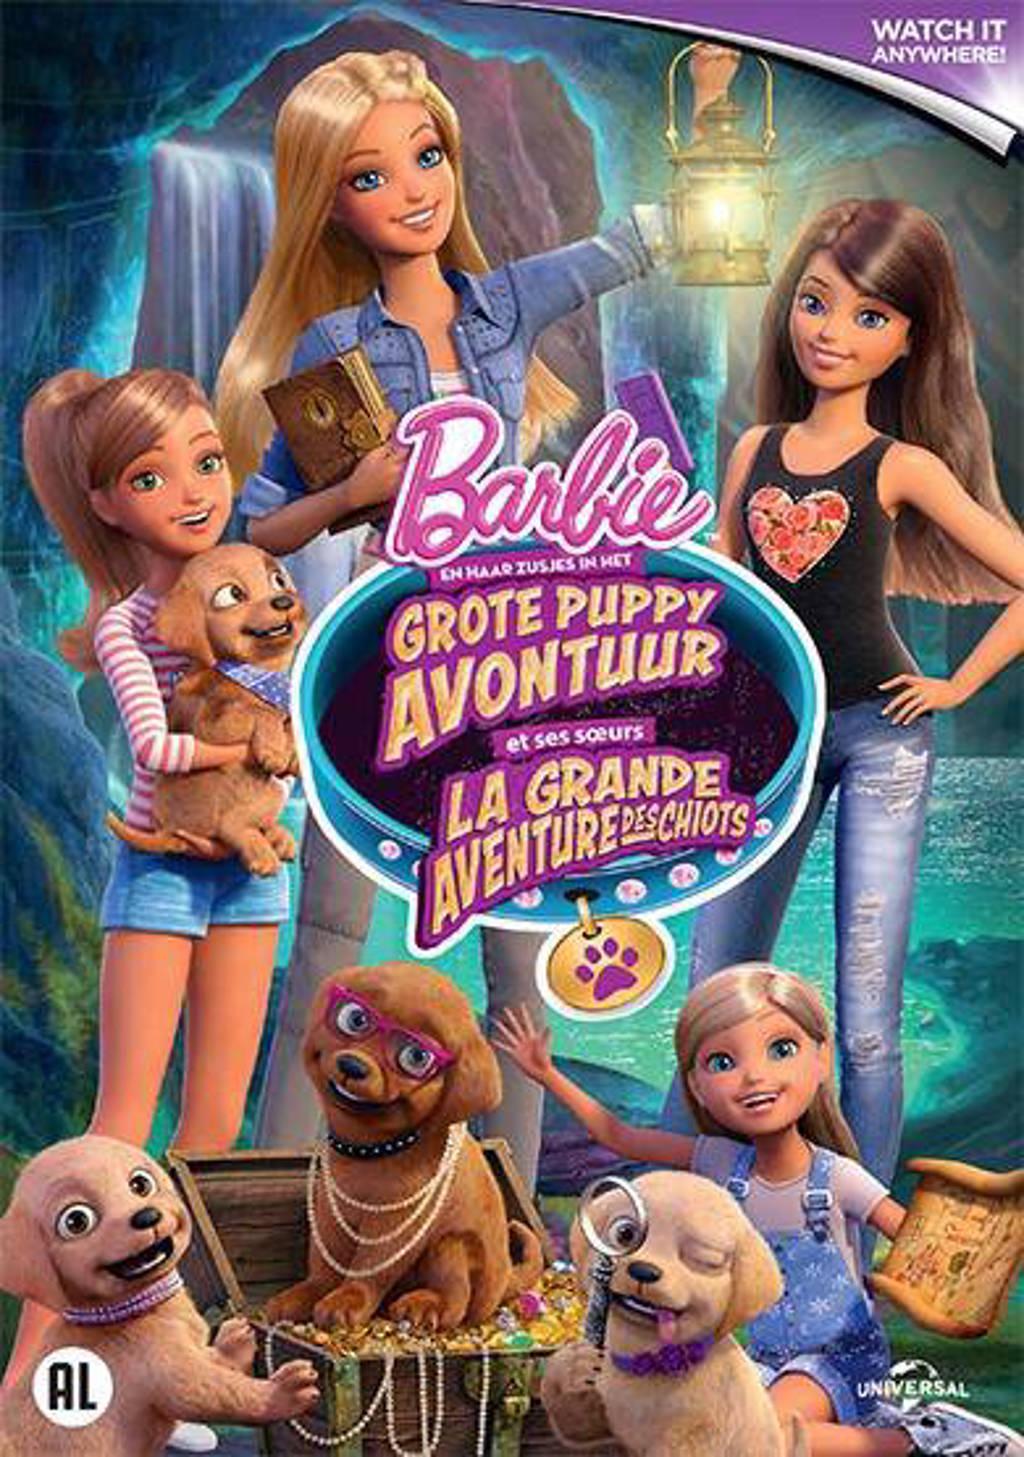 Barbie en haar zusjes - In het grote puppy avontuur (DVD)